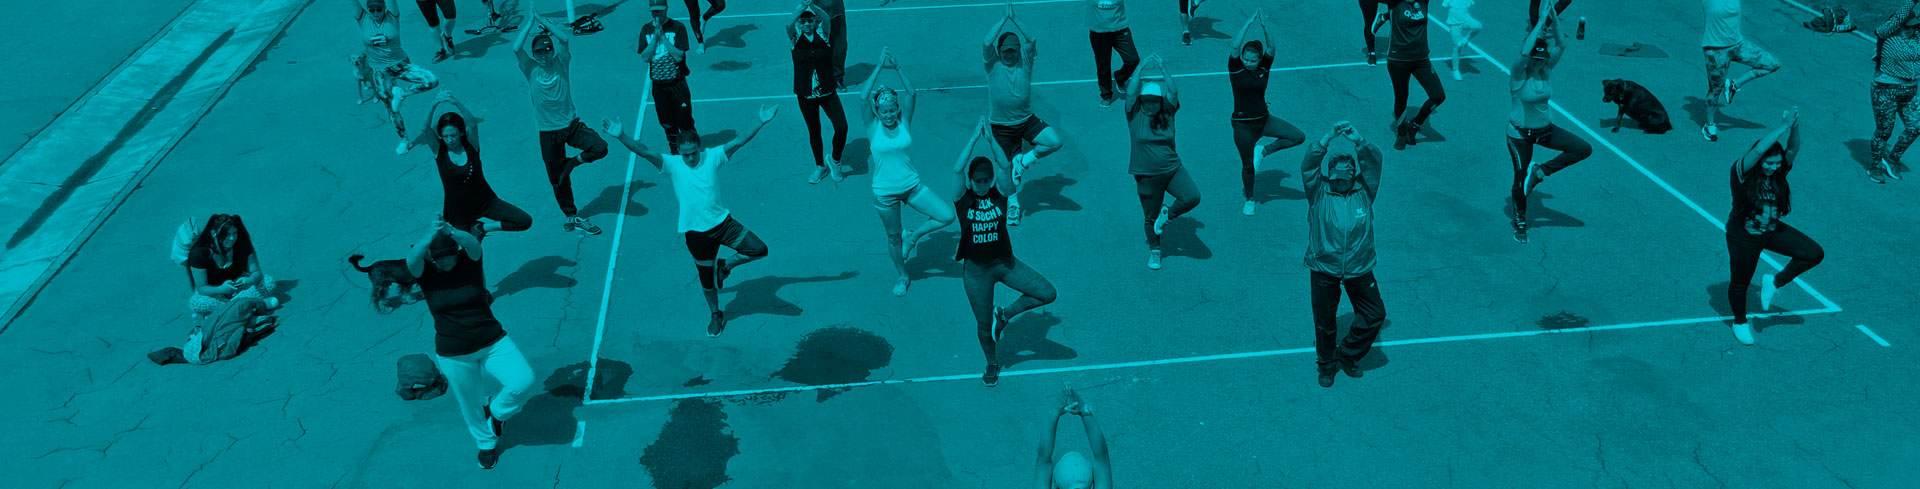 Cambio comportamental: ¿Cómo promover hábitos saludables?